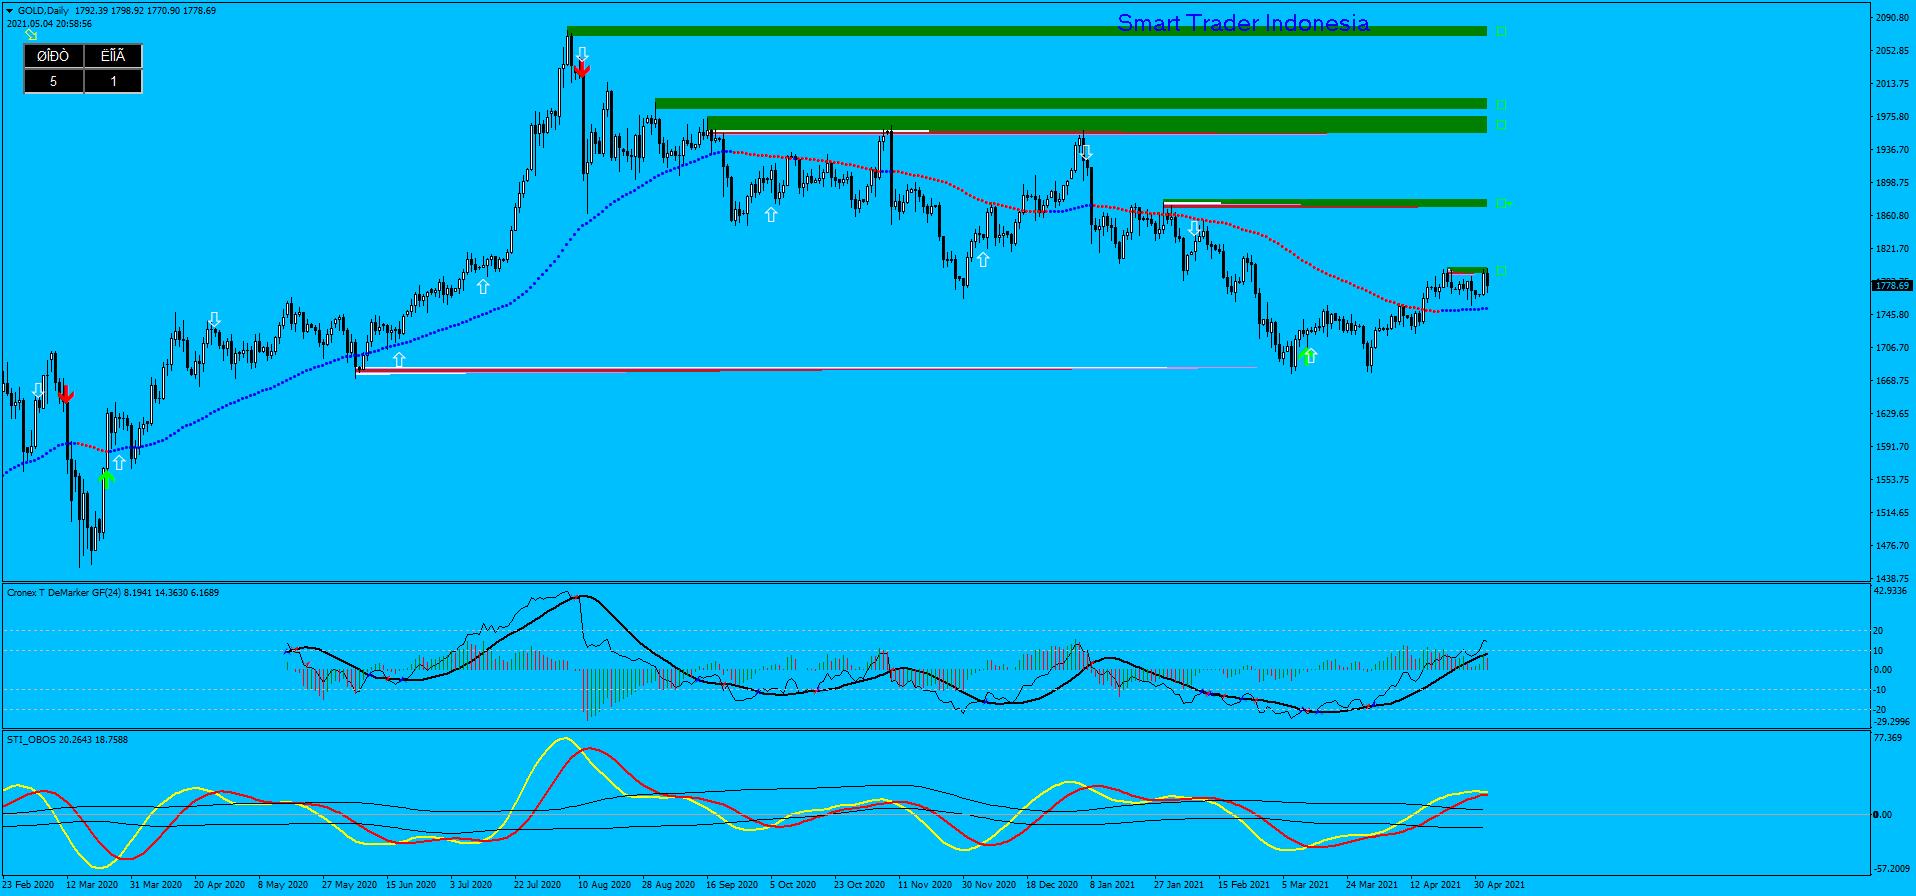 gold-d1-ava-trade-ltd.png